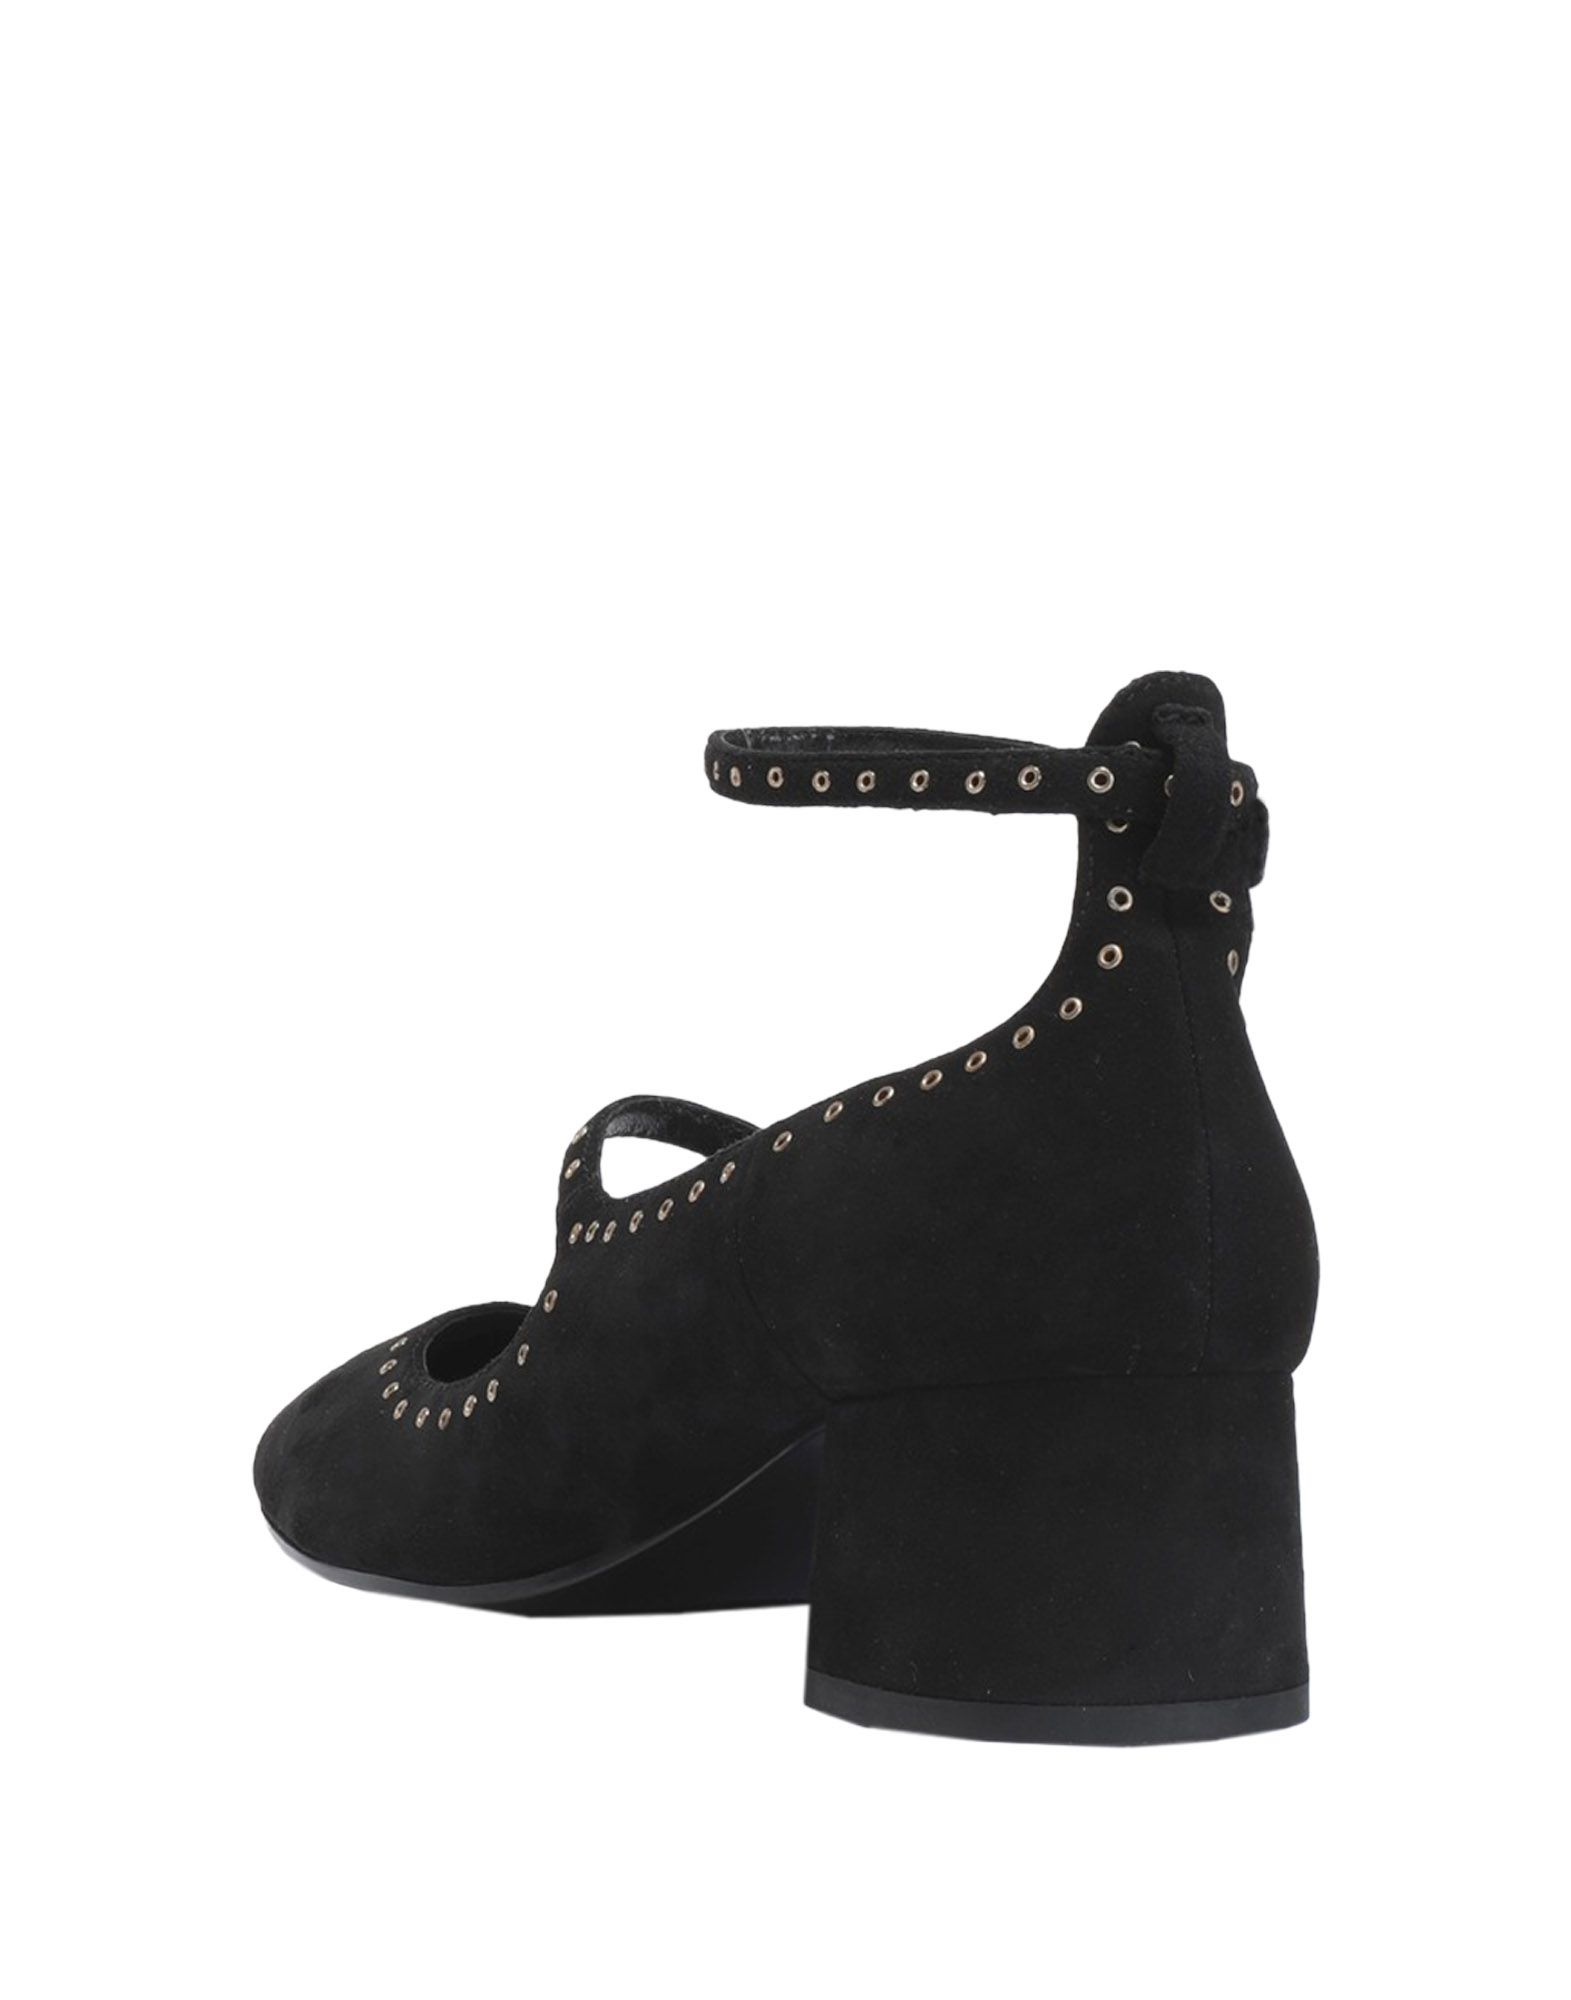 Bruno Premi Pumps Damen  11526248SD Gute Gute Gute Qualität beliebte Schuhe aeef1d